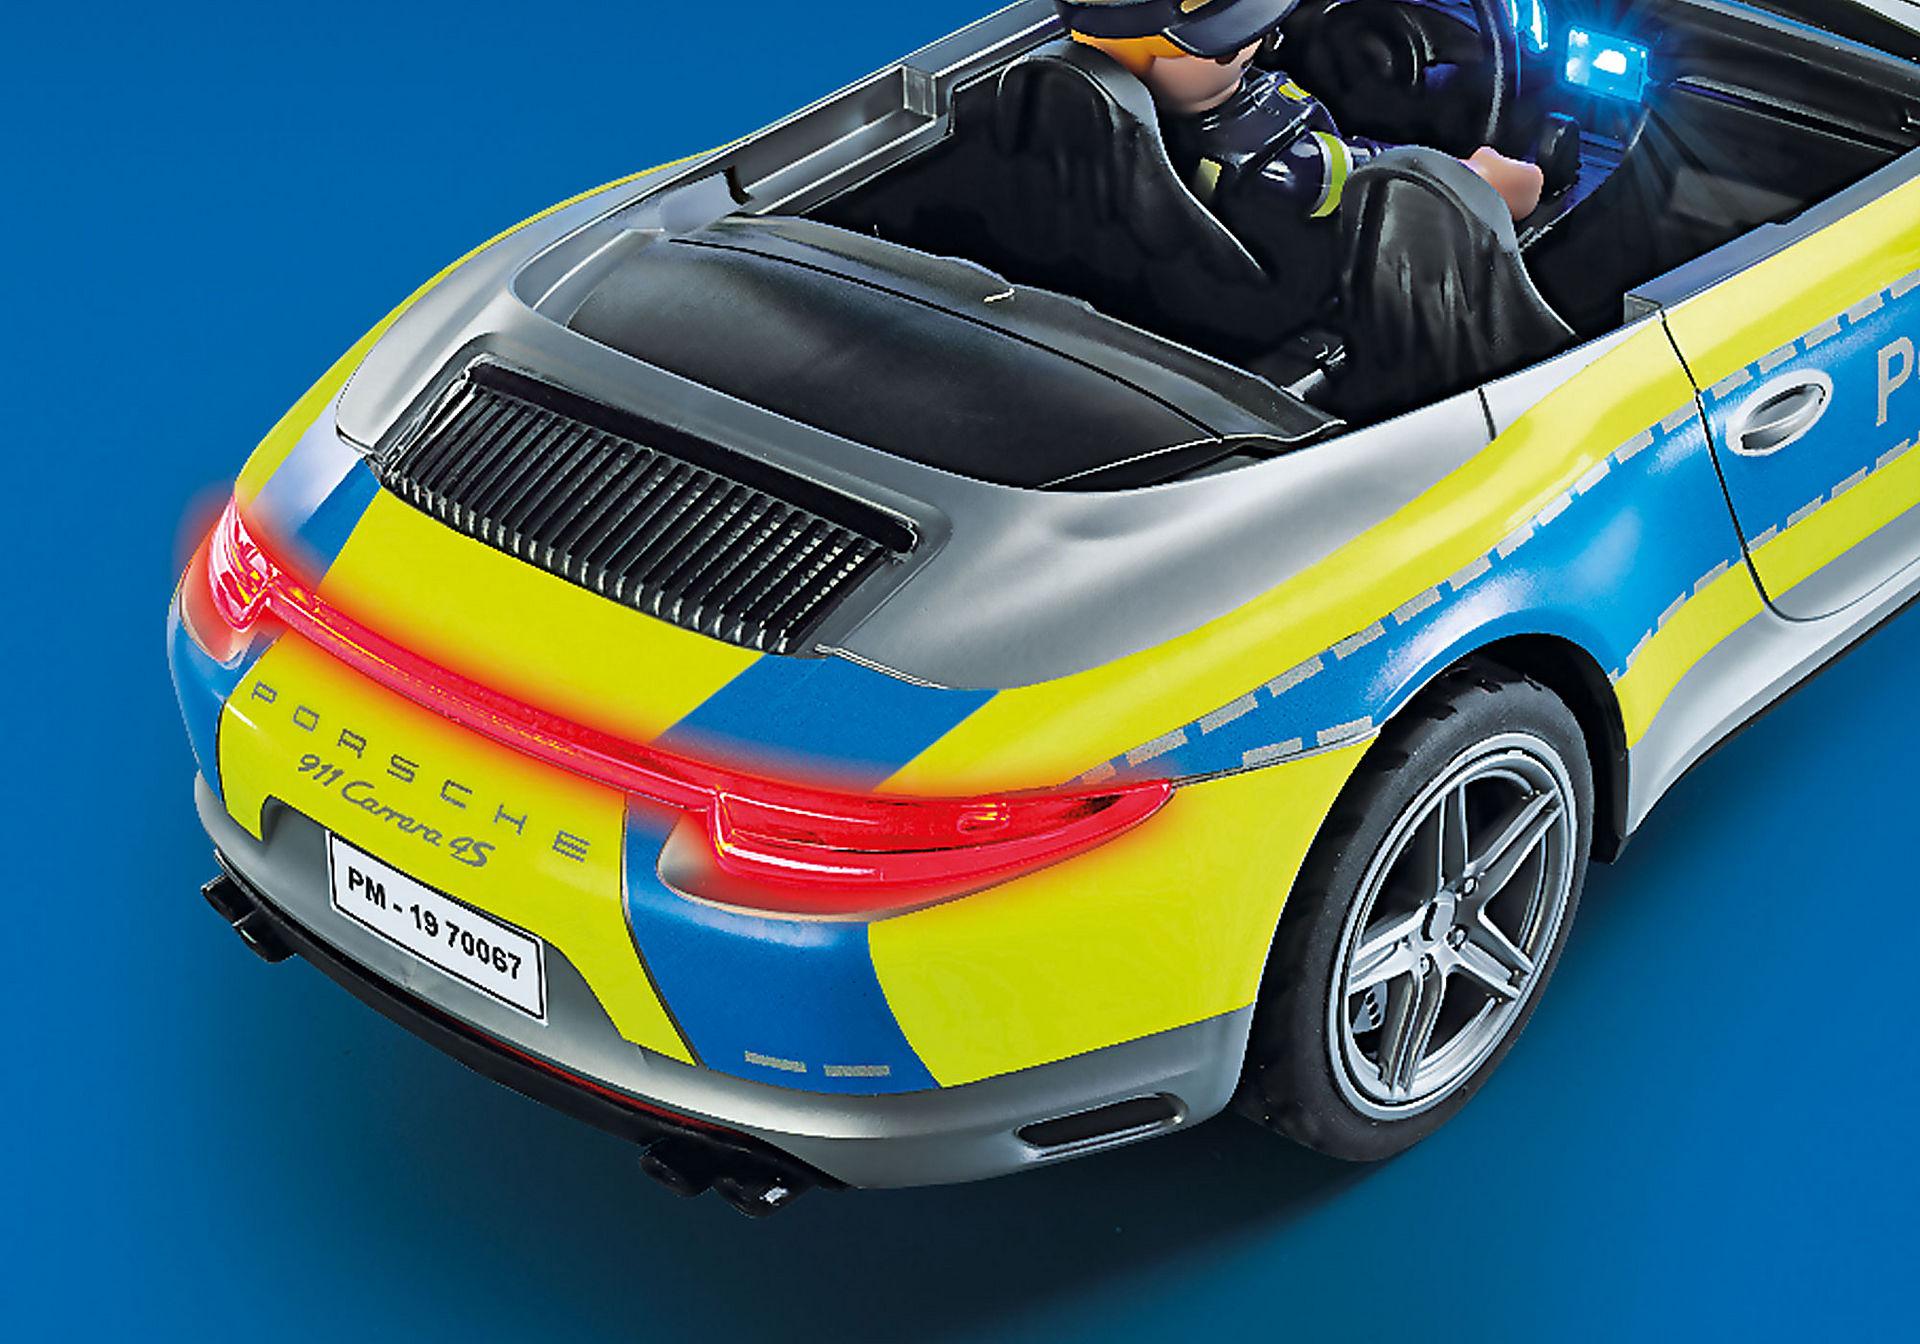 70067 Porsche 911 Carrera 4S Politie - grijs zoom image6